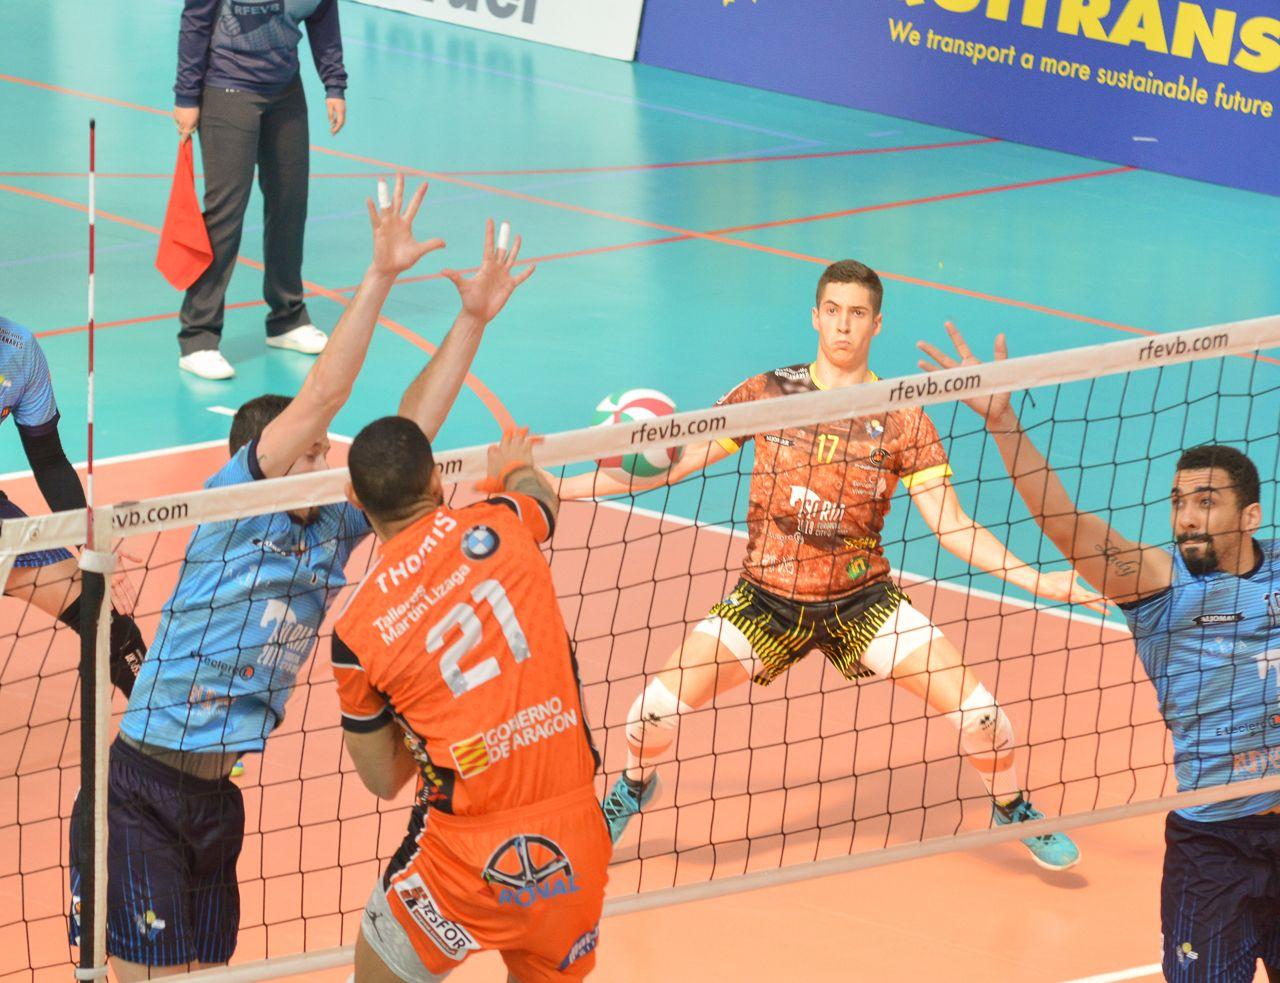 ▷ Salir de la pesadilla   Noticias Club Voleibol Teruel - SPORTARAGON.com